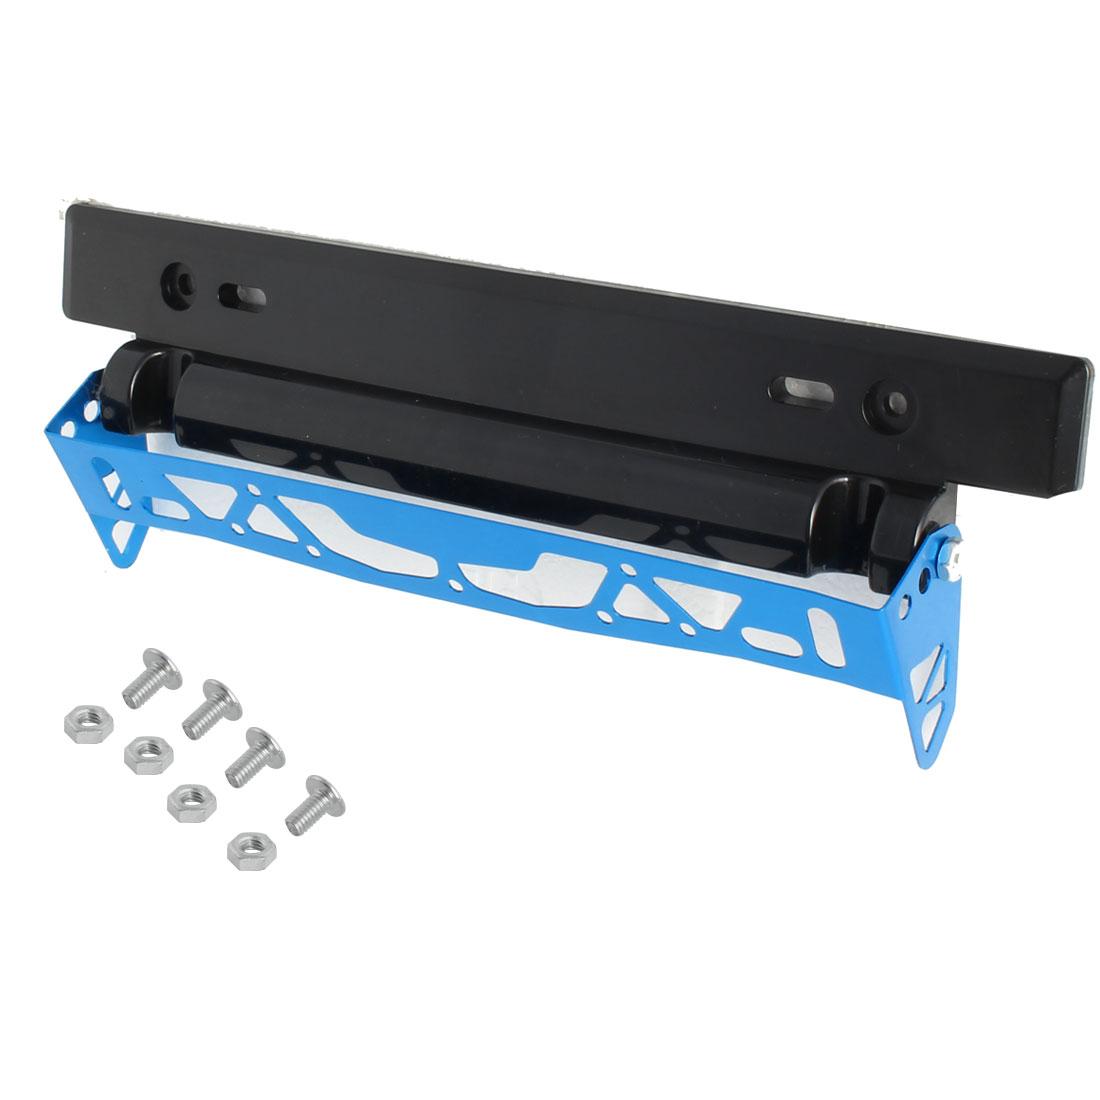 Car Auto Metal Plastic Adjustable Hollow Design License Plate Frame Bracket Holder Black Blue